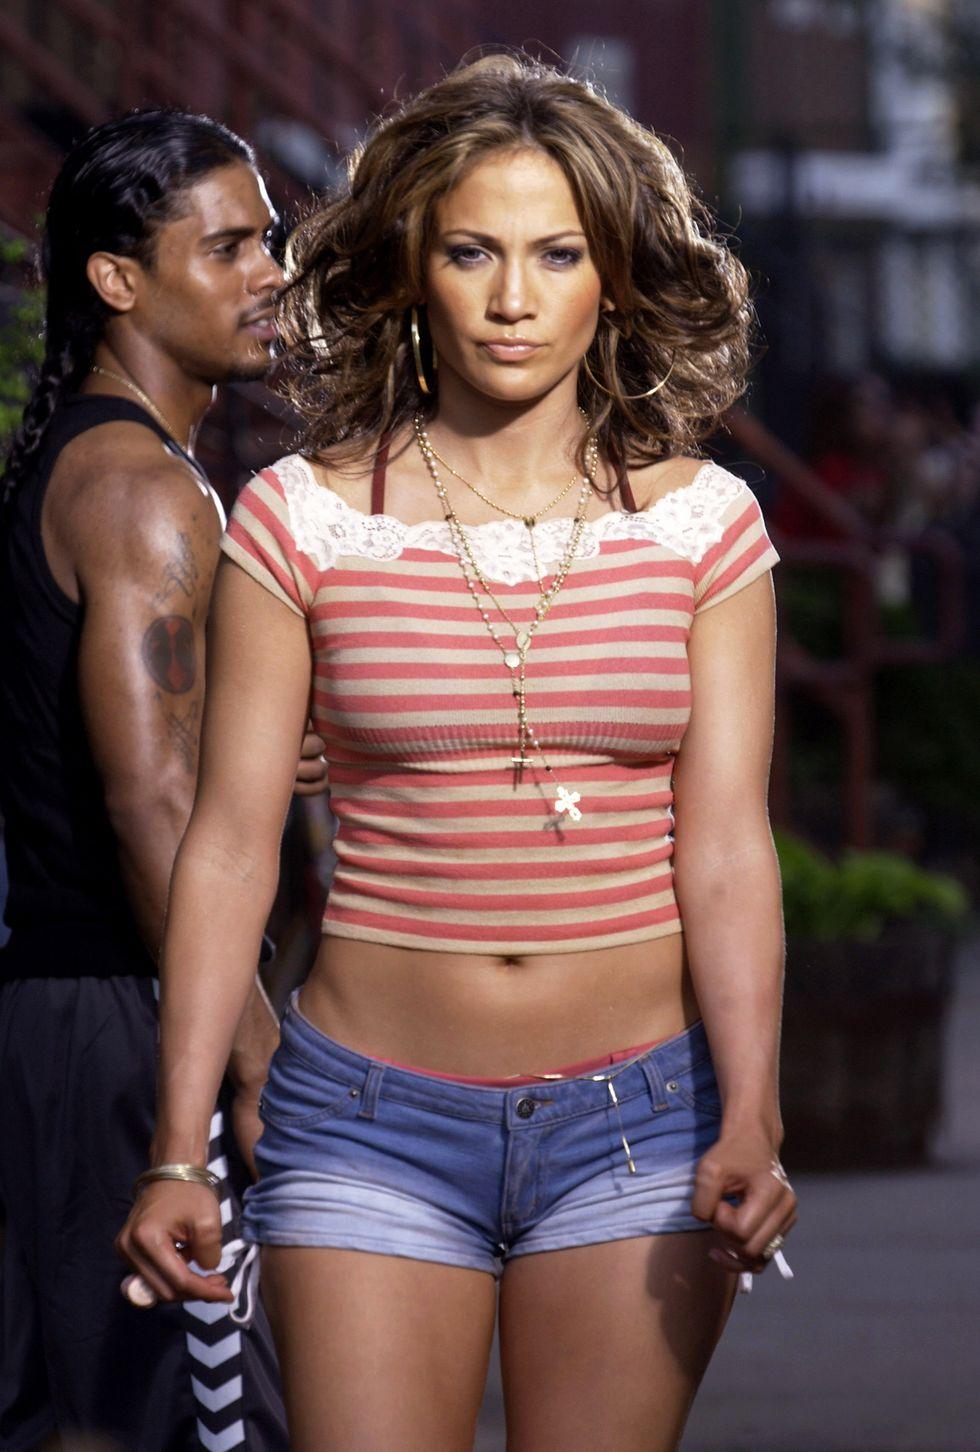 Năm Jennifer Lopez, 2002 Quần jean ngắn? Jenny nói một cách tuyệt đối trong video âm nhạc của cô ấy, Tôi là Gunna Hãy ổn . Chiếc quần jean cạp trễ hiện nay đã trở thành món đồ được yêu thích nhất trong danh sách hạng A khi đó, được mặc bởi những người đẹp như Paris Hilton, Lindsay Lohan và Kate Hudson.